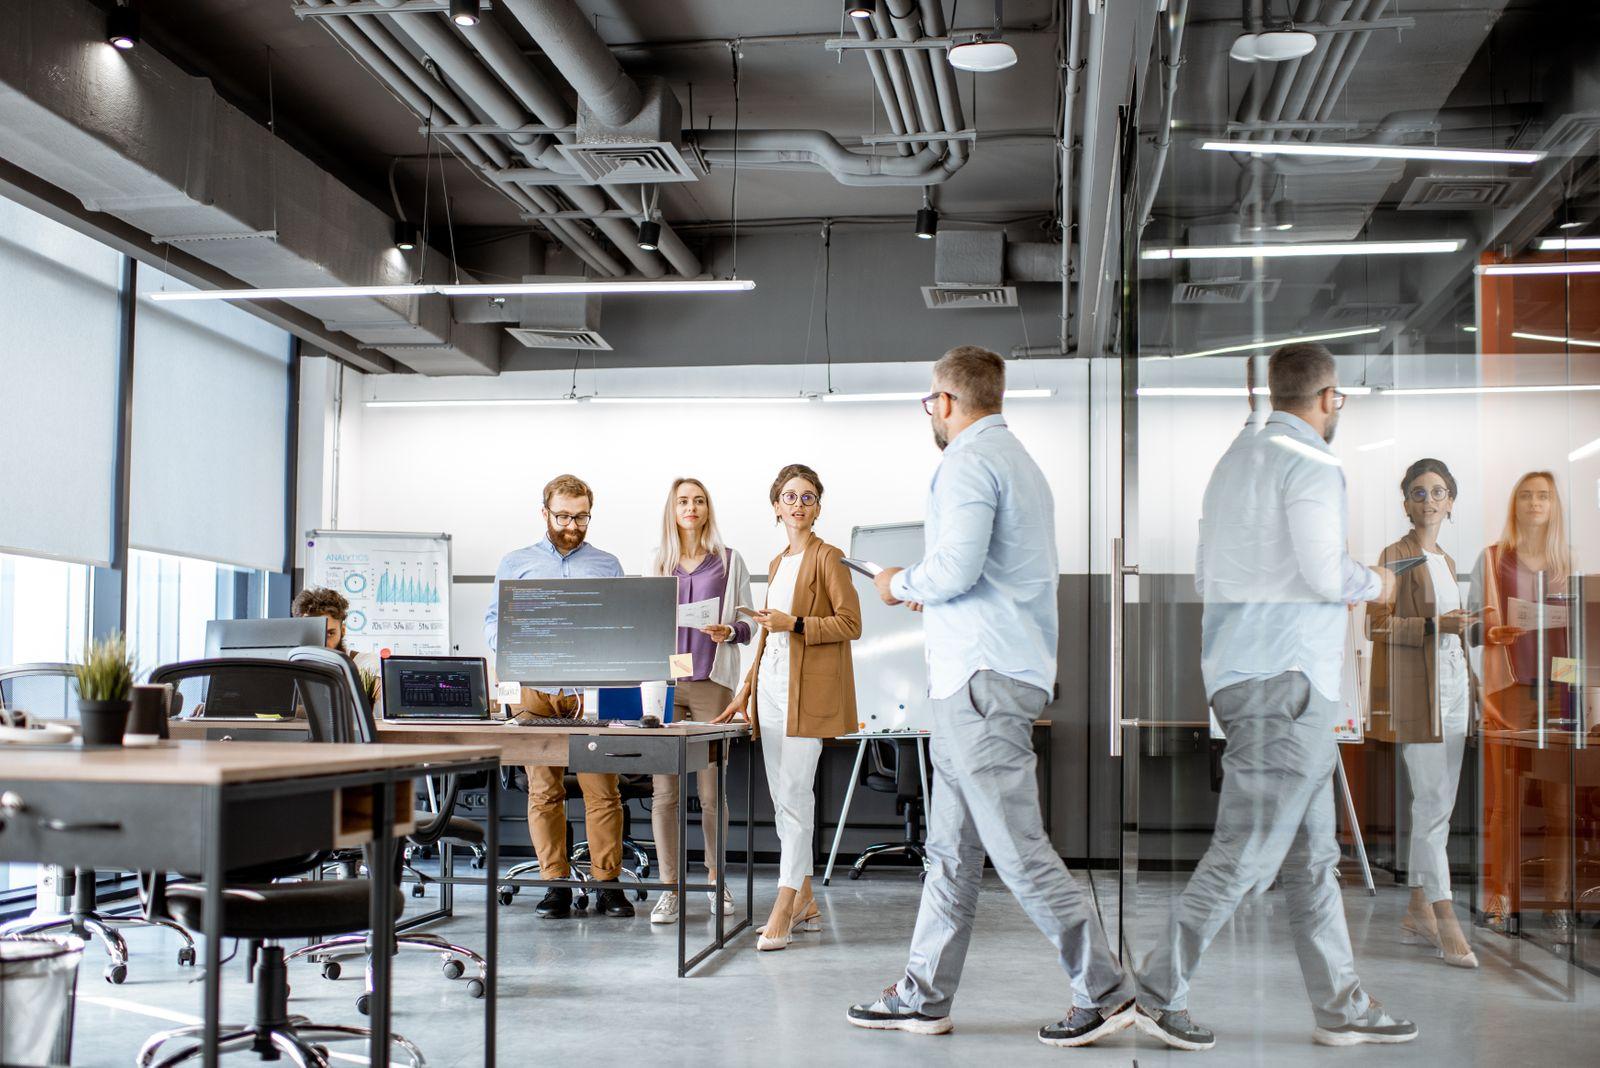 5 façons de transformer votre bureau à aire ouverte en environnement de travail agile